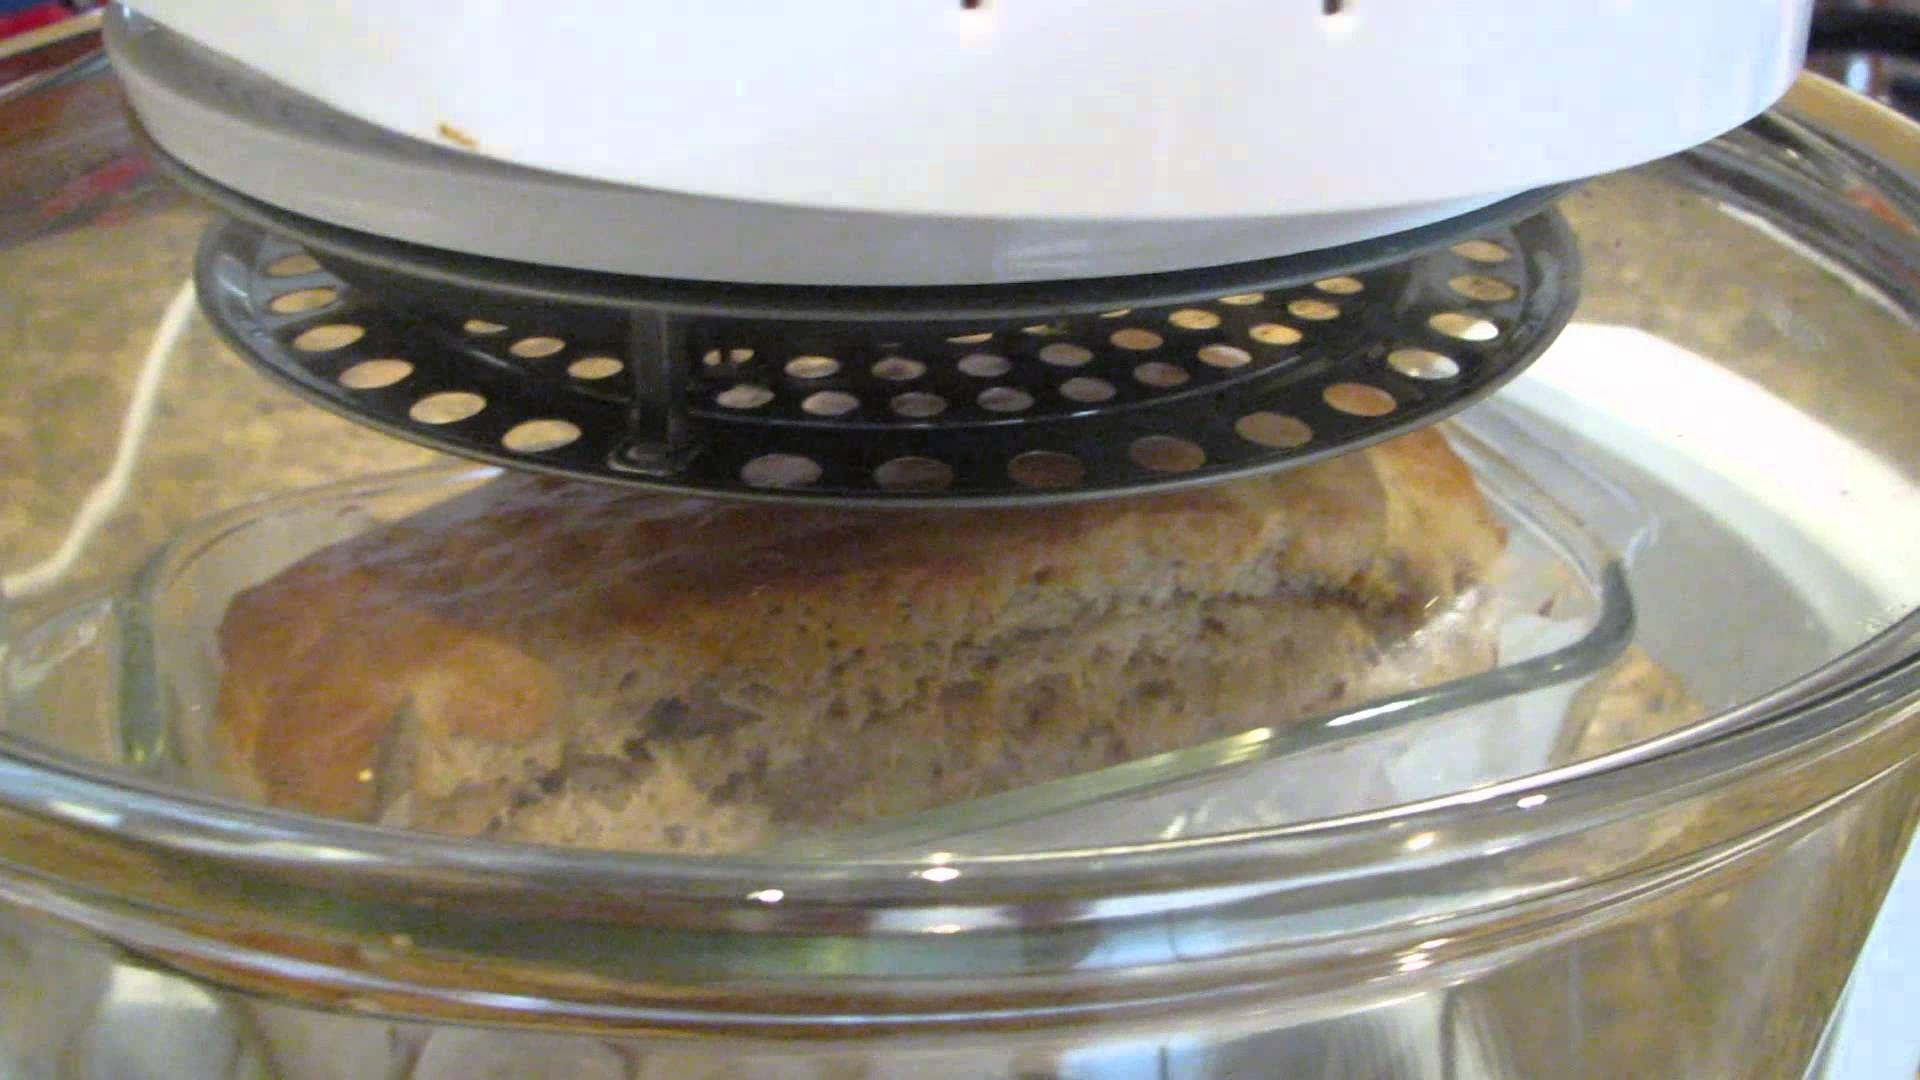 Convection Oven Easy Banana Bread Amp Recipe Convection